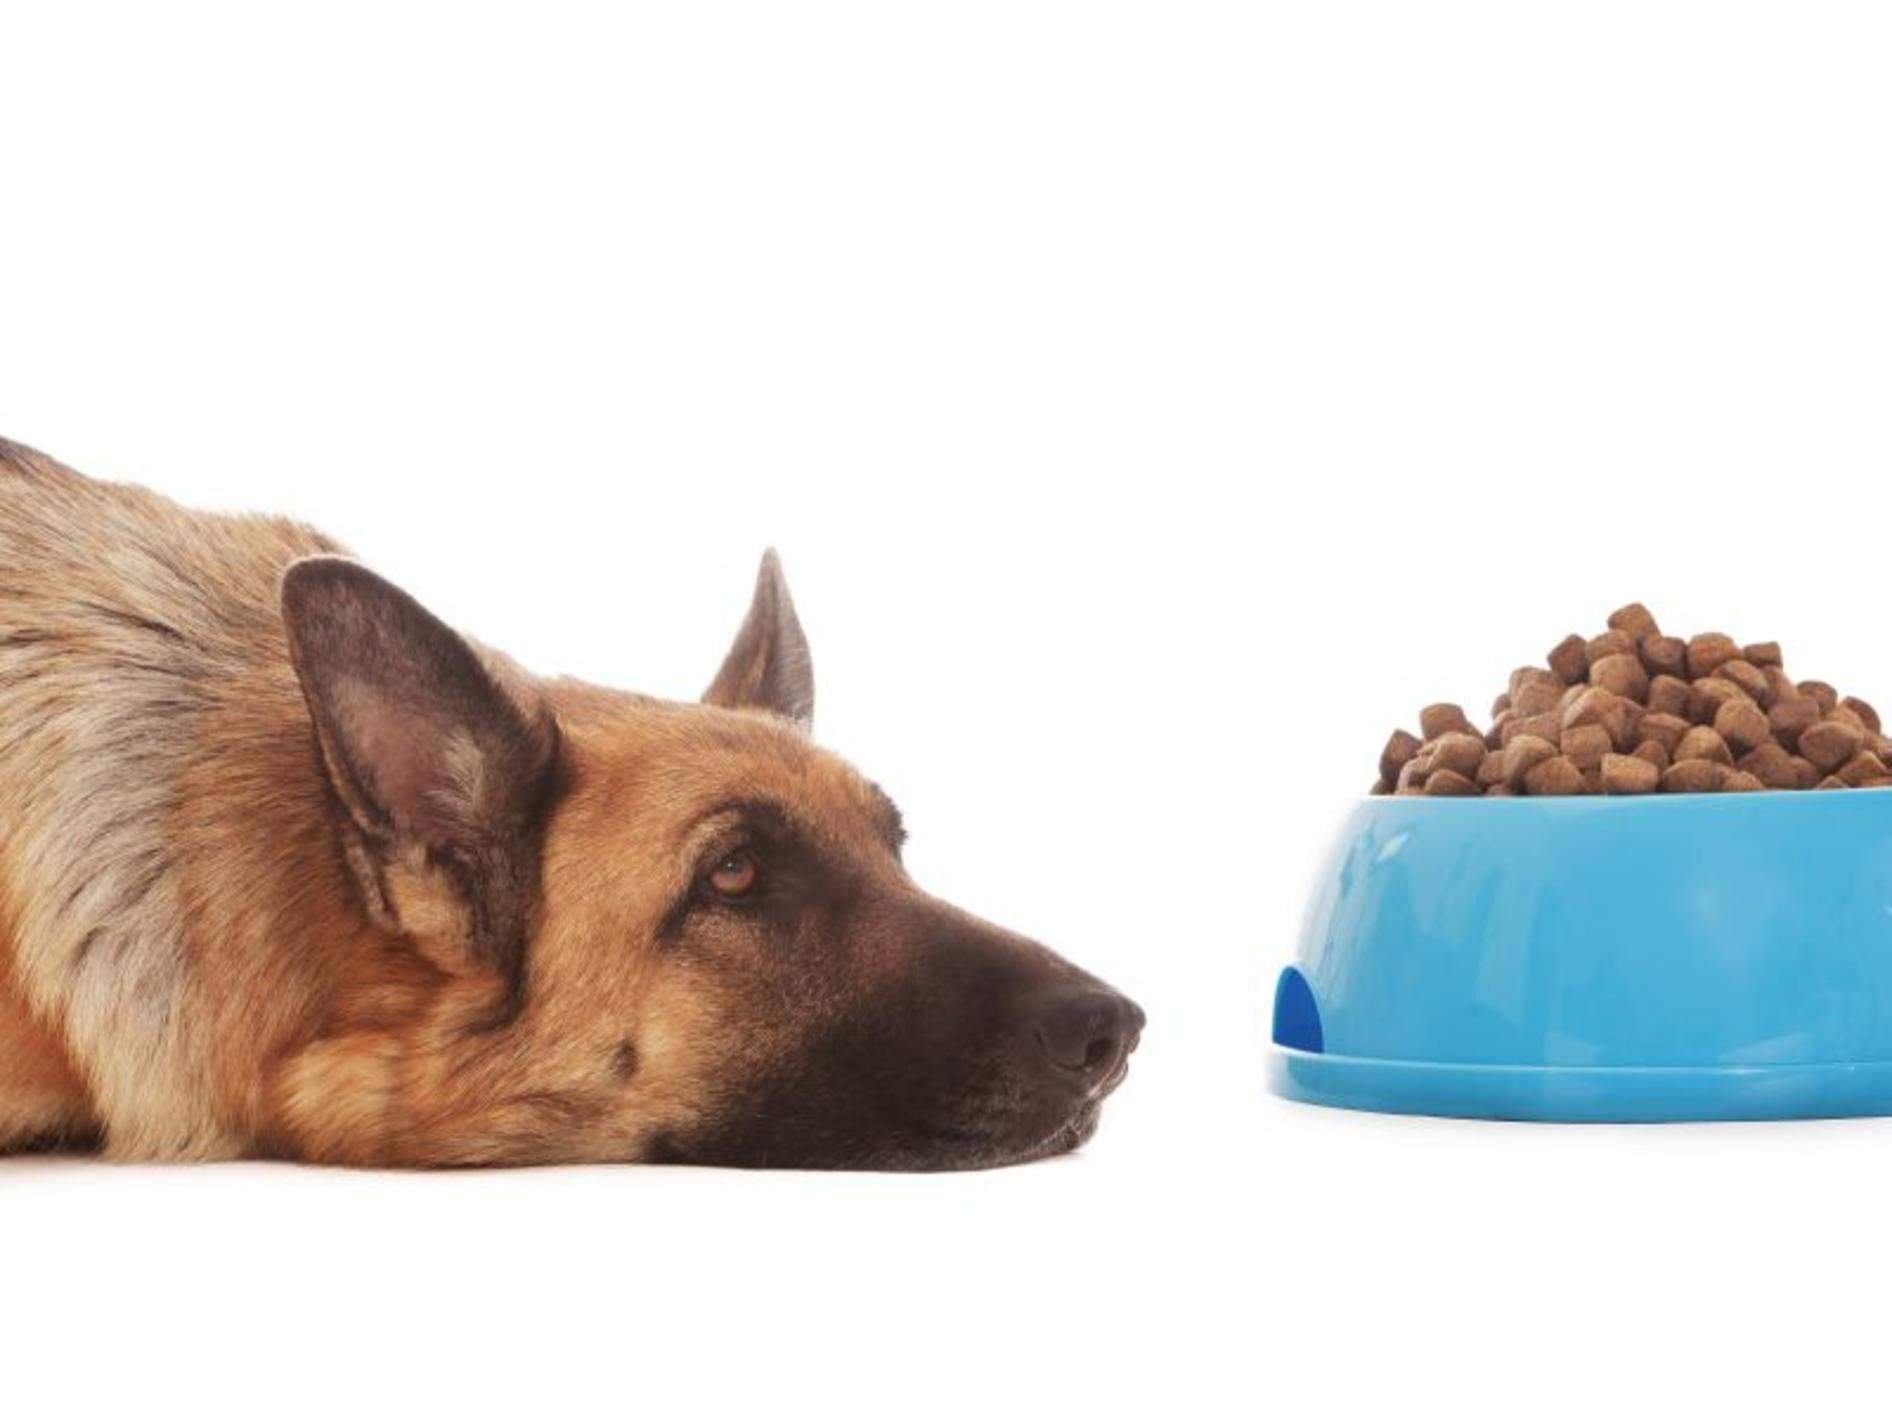 Schonkost für Hunde ist leichter verträglich als herkömmliches Futter – Bild: Shutterstock / Francesco83